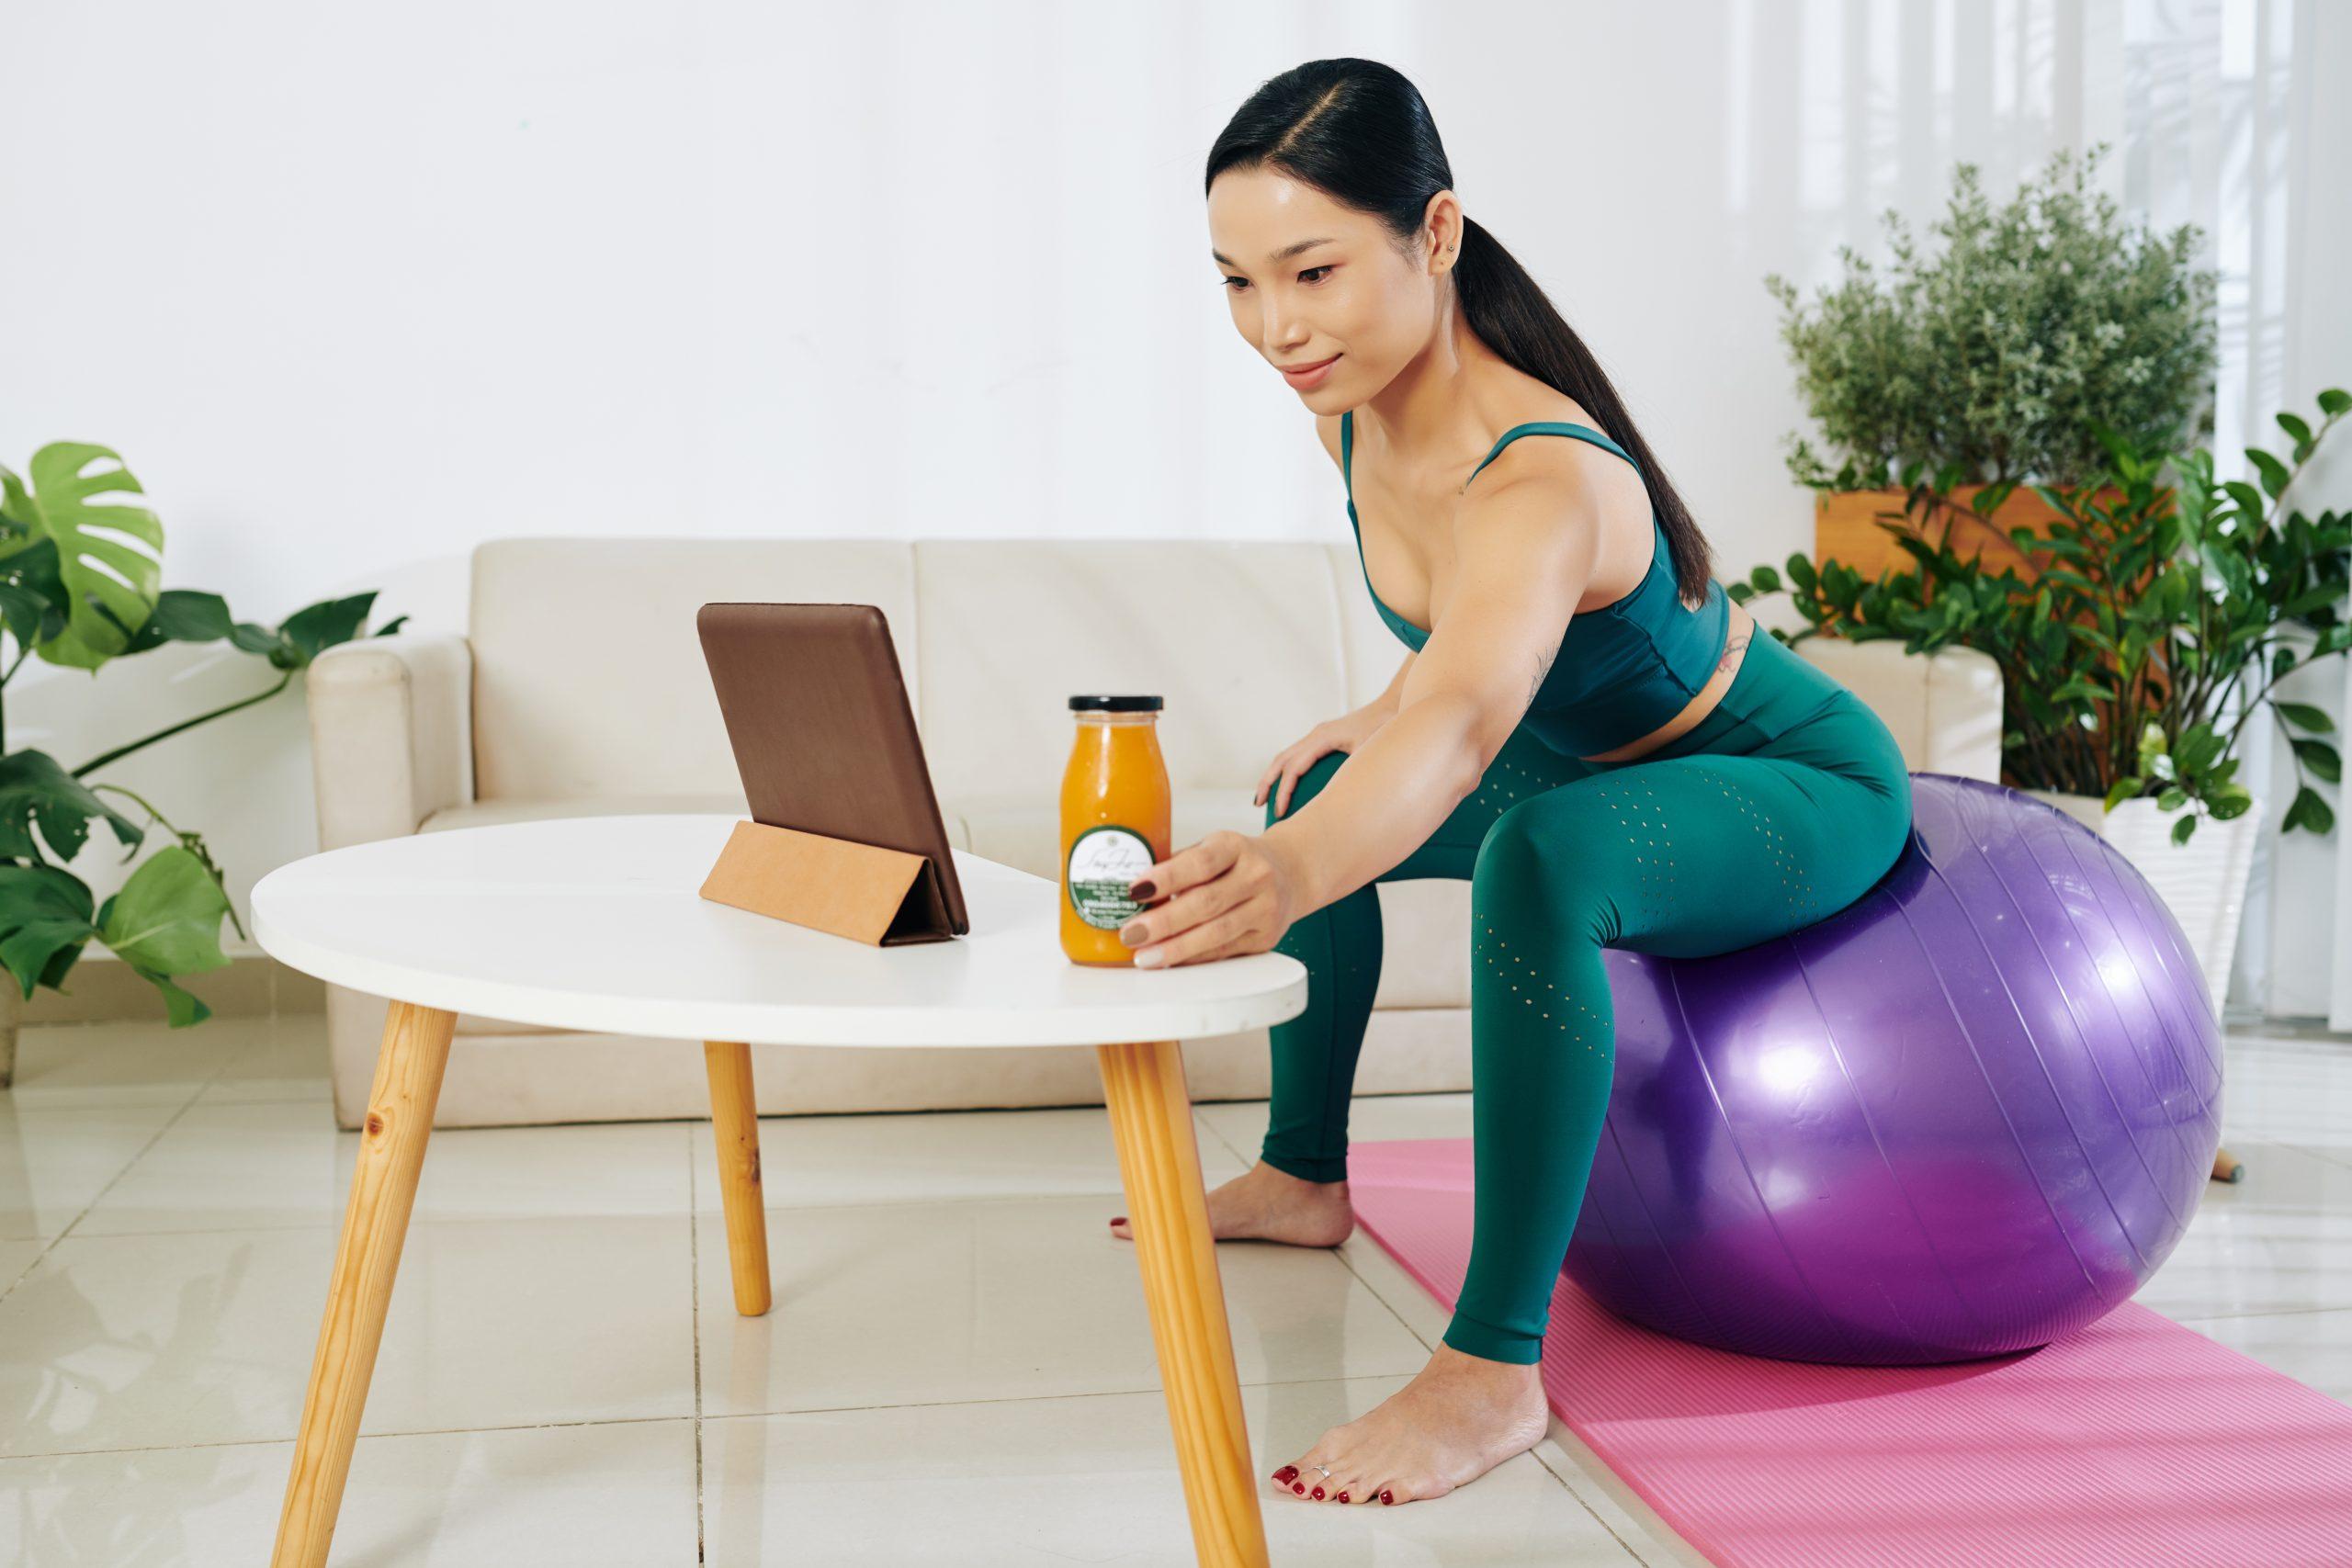 Sportswoman drinking juice